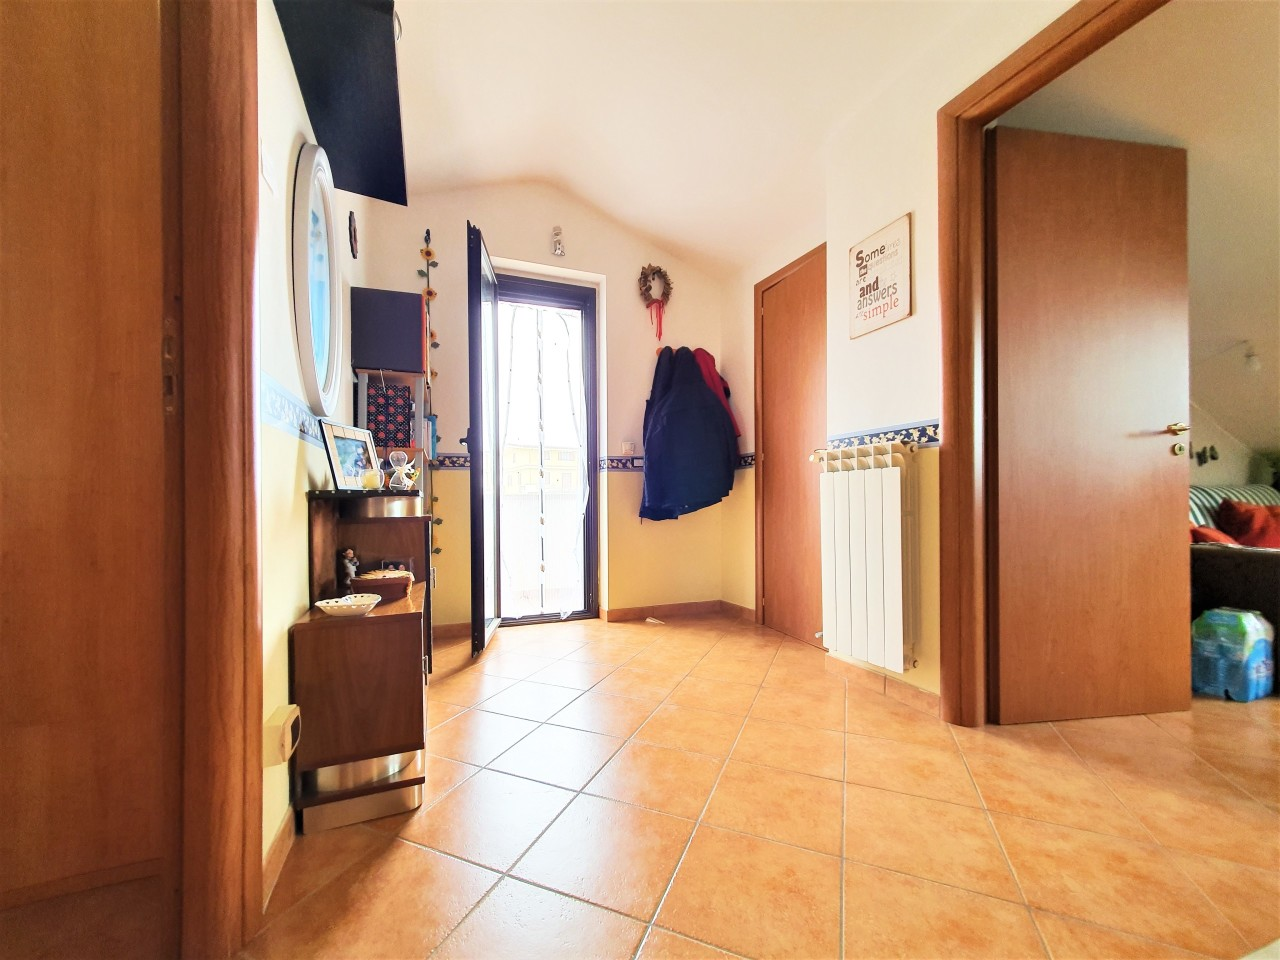 Attico / Mansarda in vendita a Catanzaro, 3 locali, prezzo € 75.000 | PortaleAgenzieImmobiliari.it